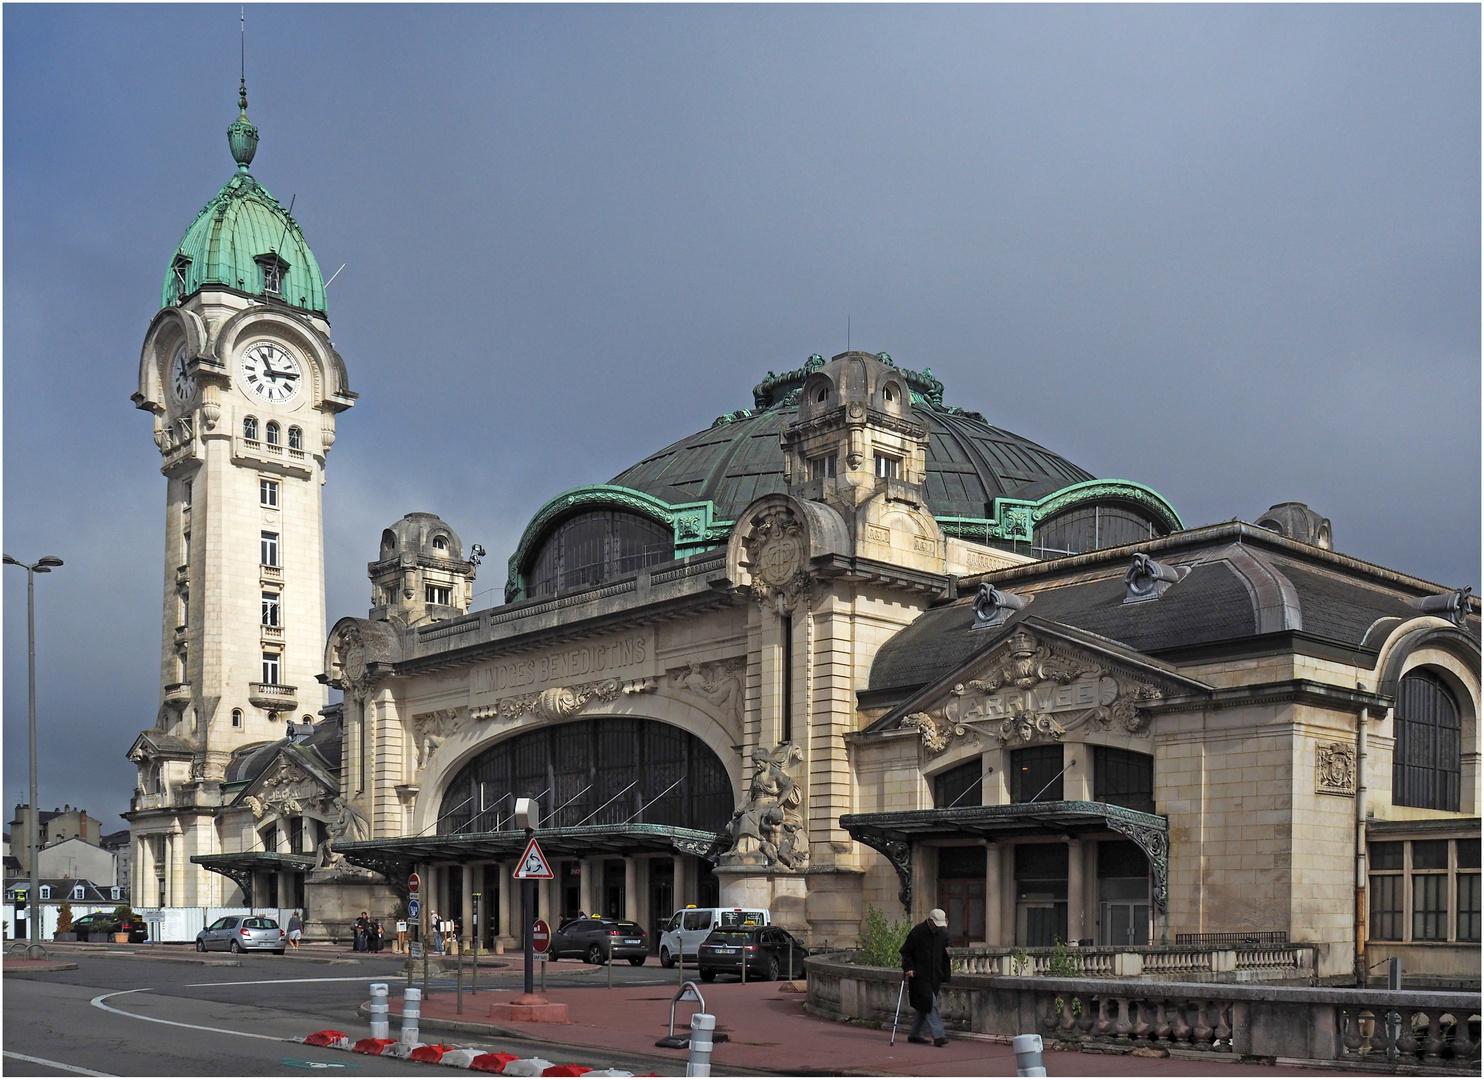 La gare de Limoges Bénédictins et son campanile